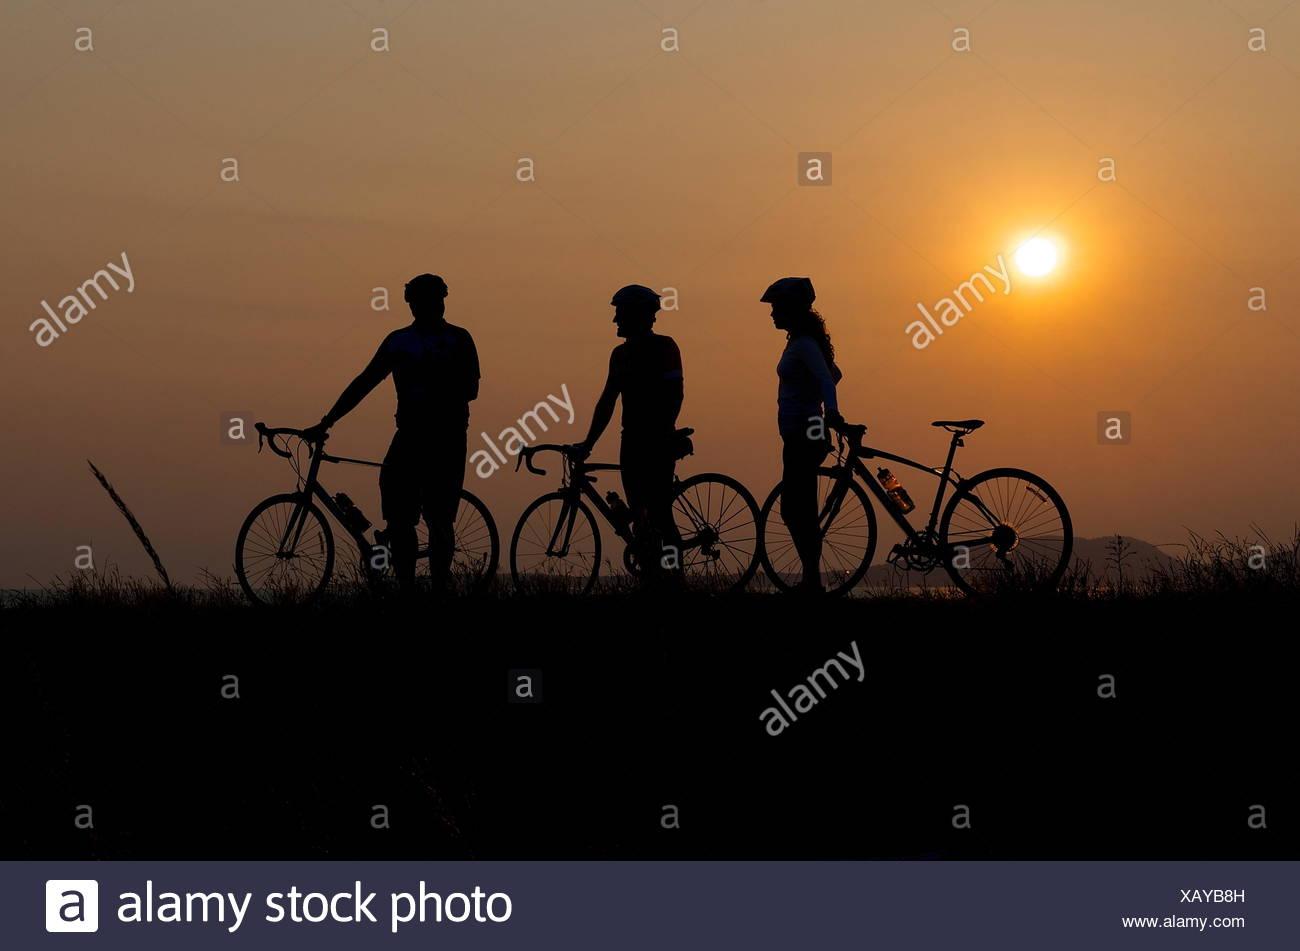 Silhouette de trois coureurs au coucher du soleil Photo Stock